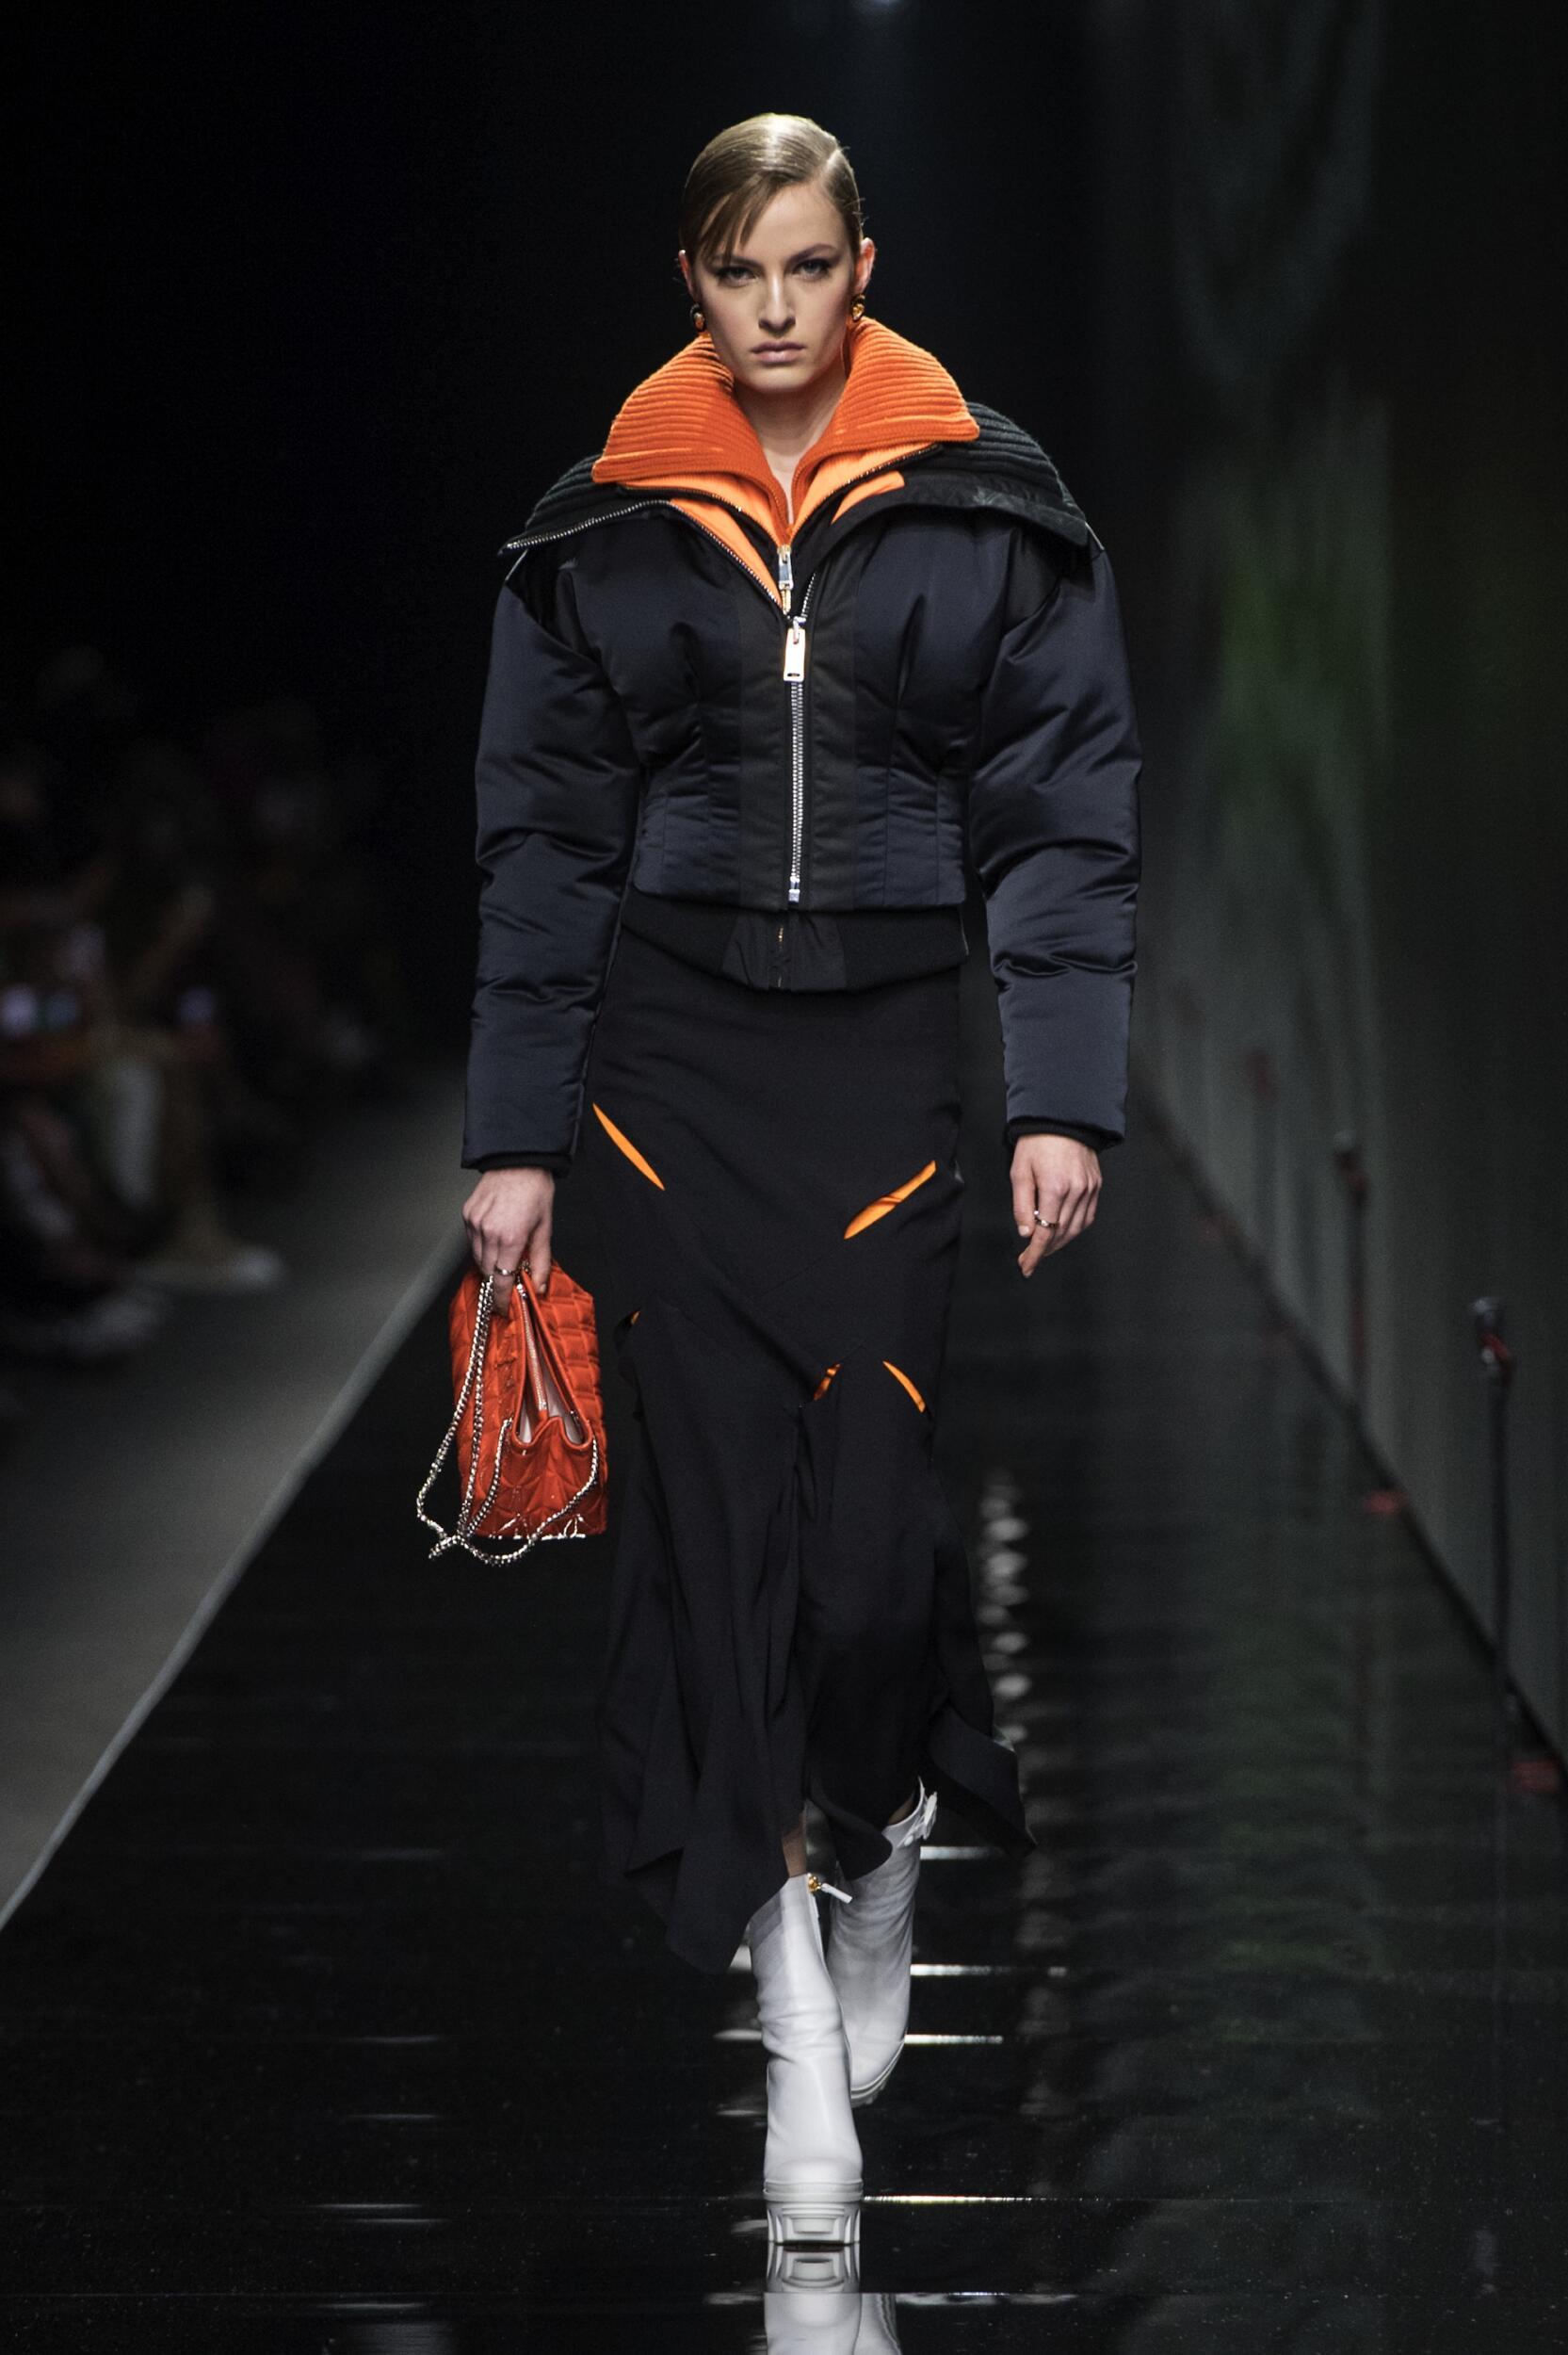 2020 Versace Winter Runway Show